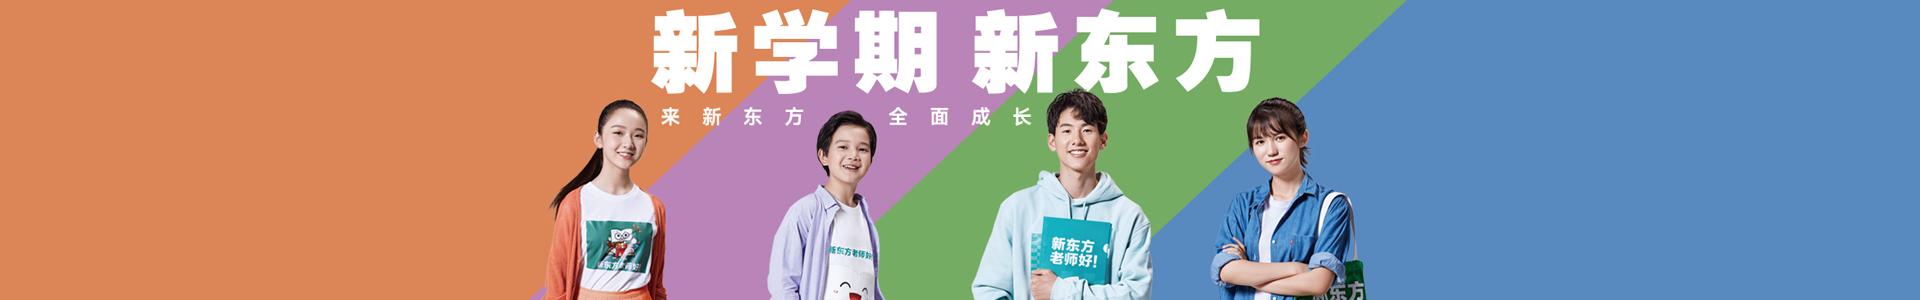 深圳新东方雅思培训